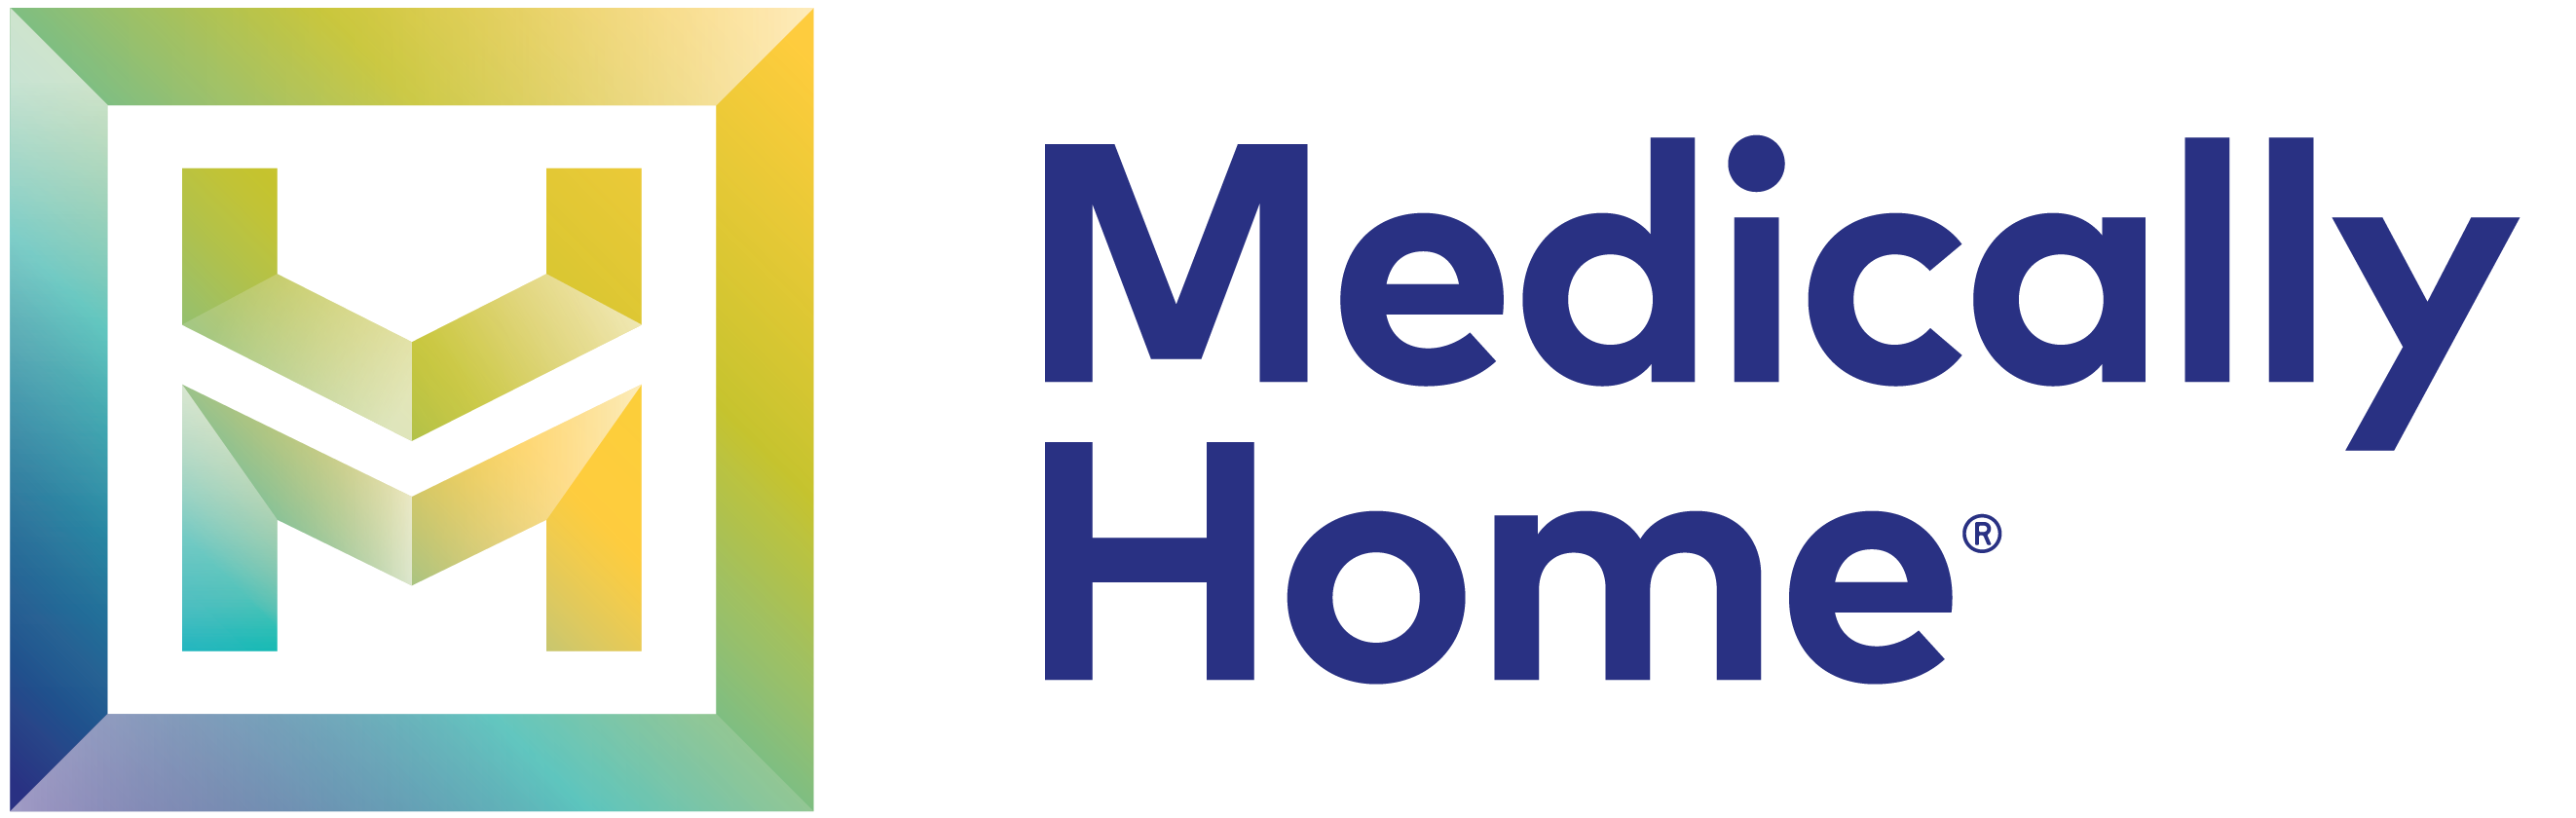 Medically Home_logo